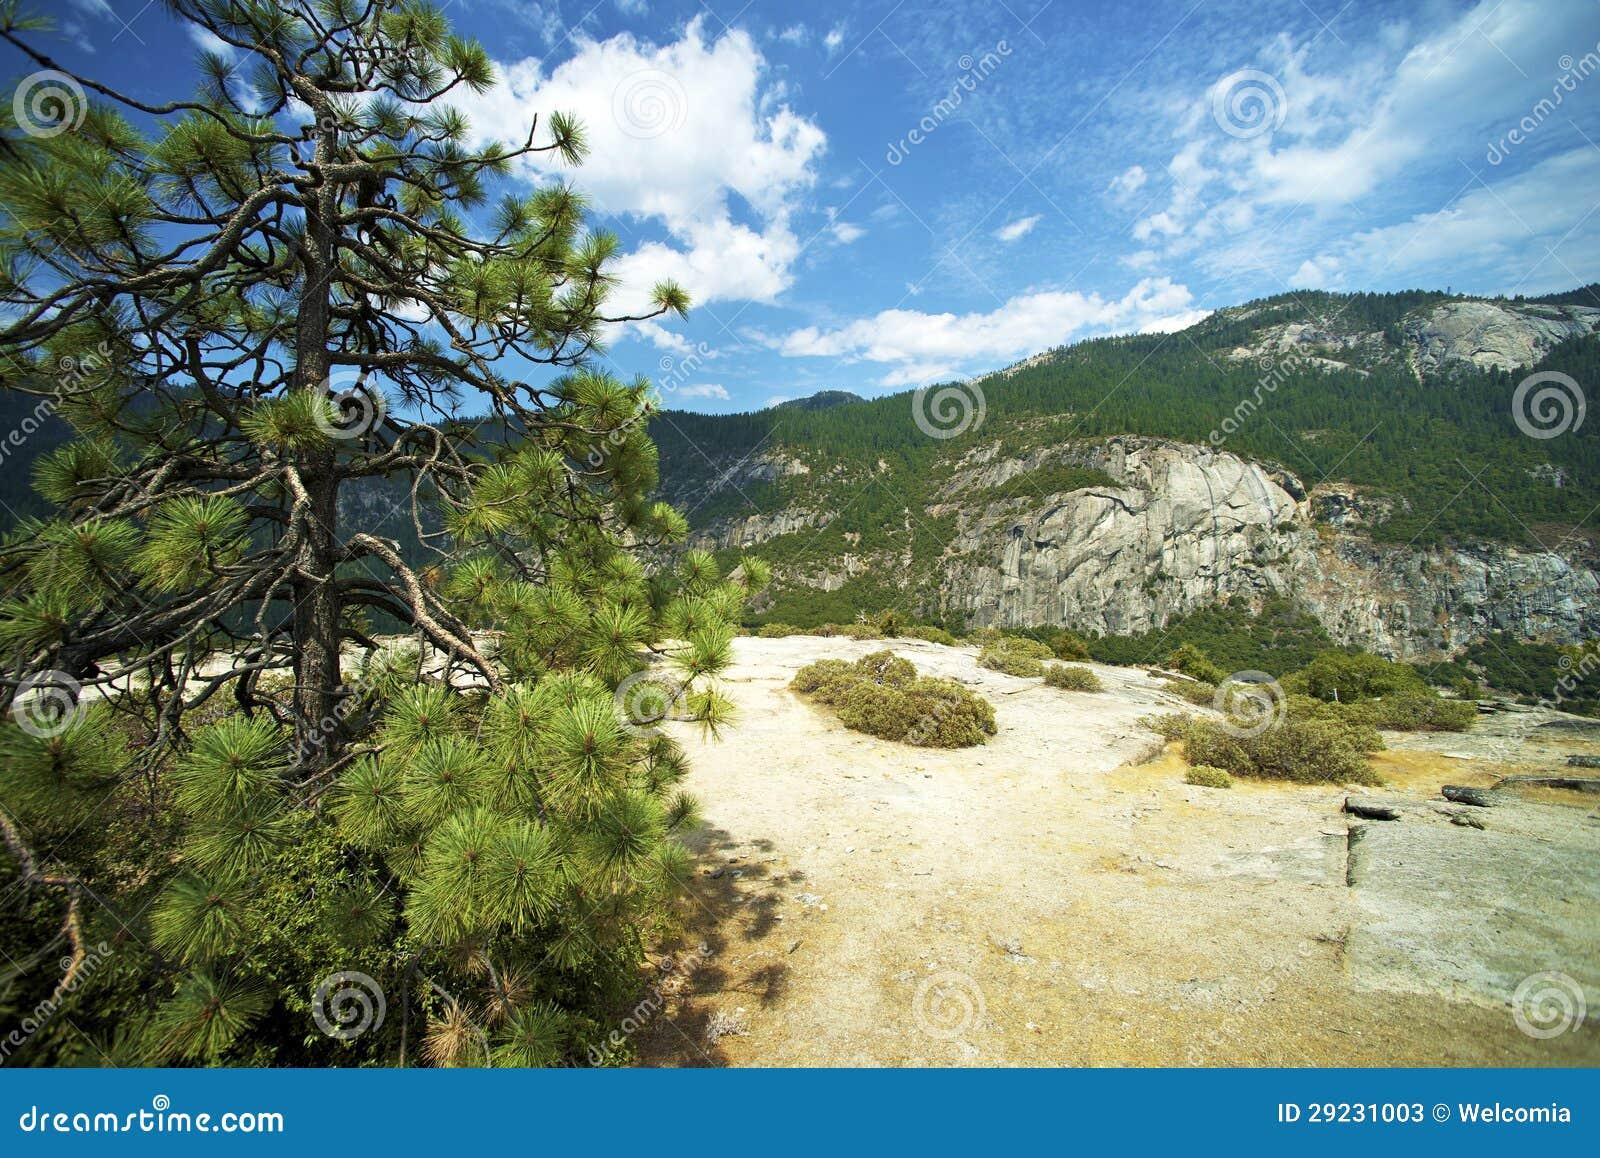 Download Serra montanhas de Nevada imagem de stock. Imagem de árvores - 29231003